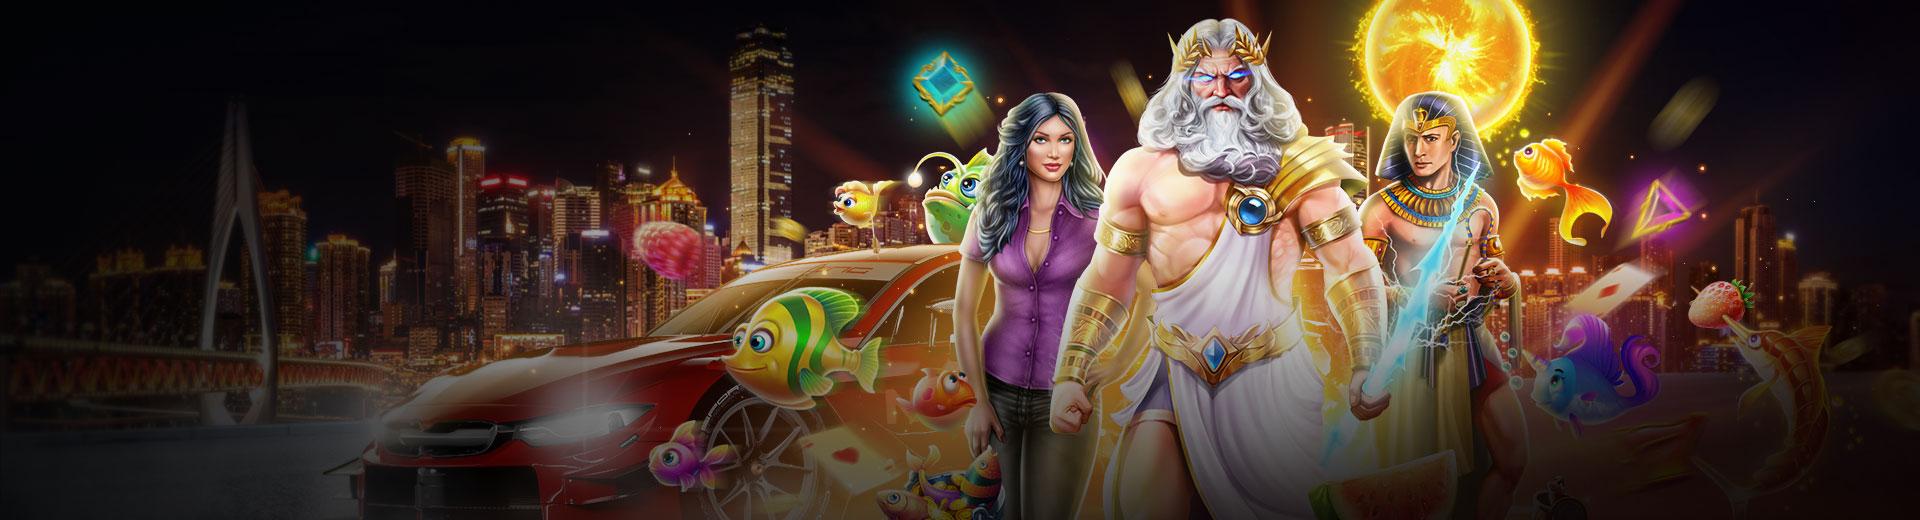 N1 Casino Spiel Banner